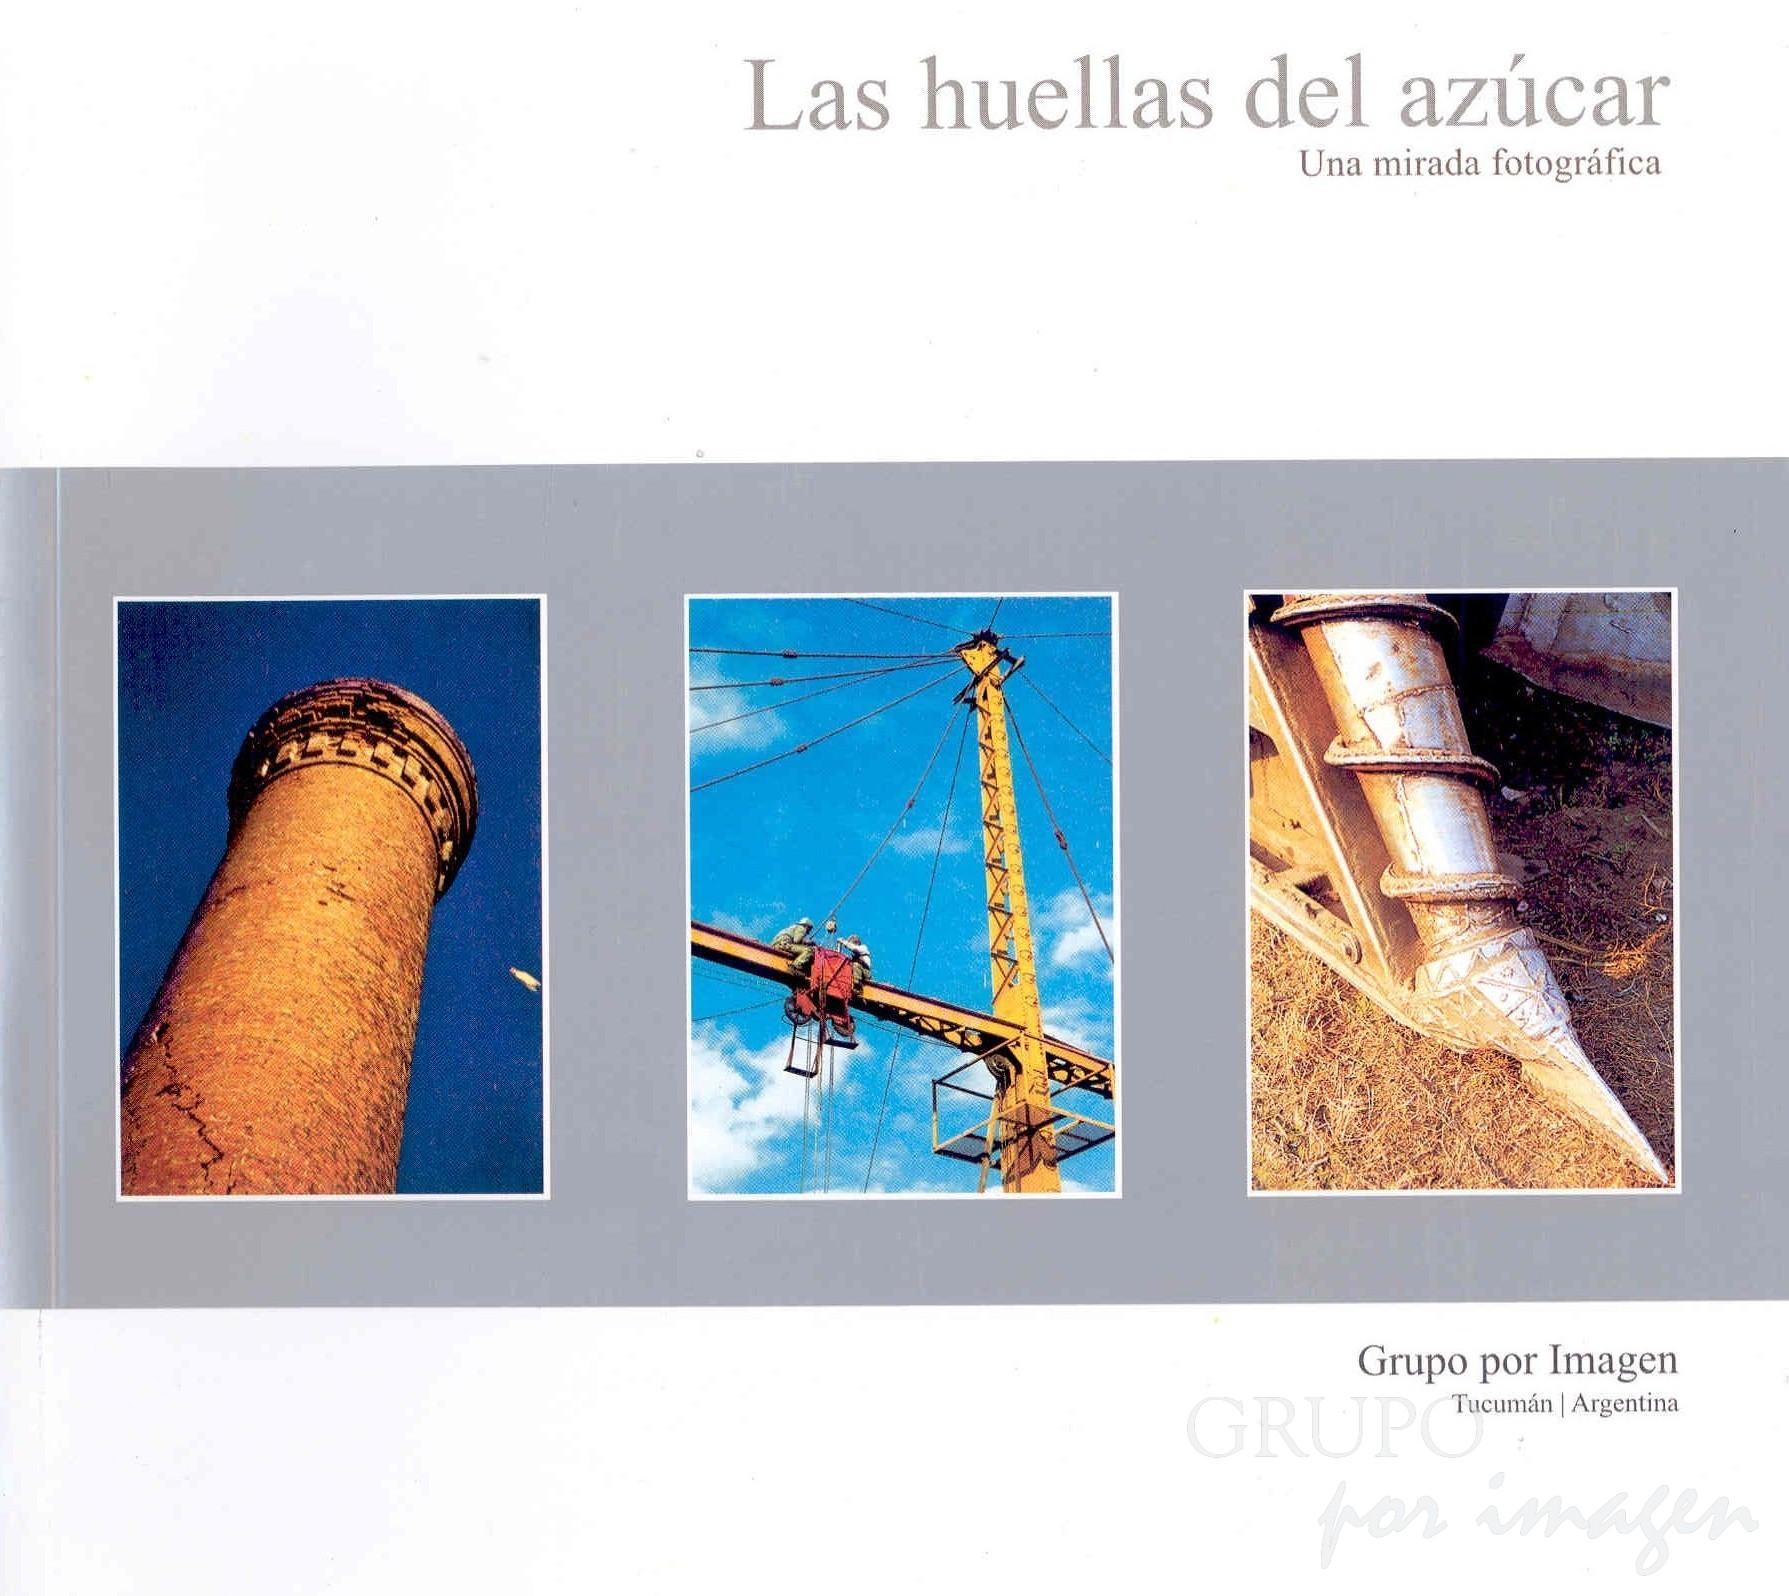 TapaLibro / Grupo Por Imagen